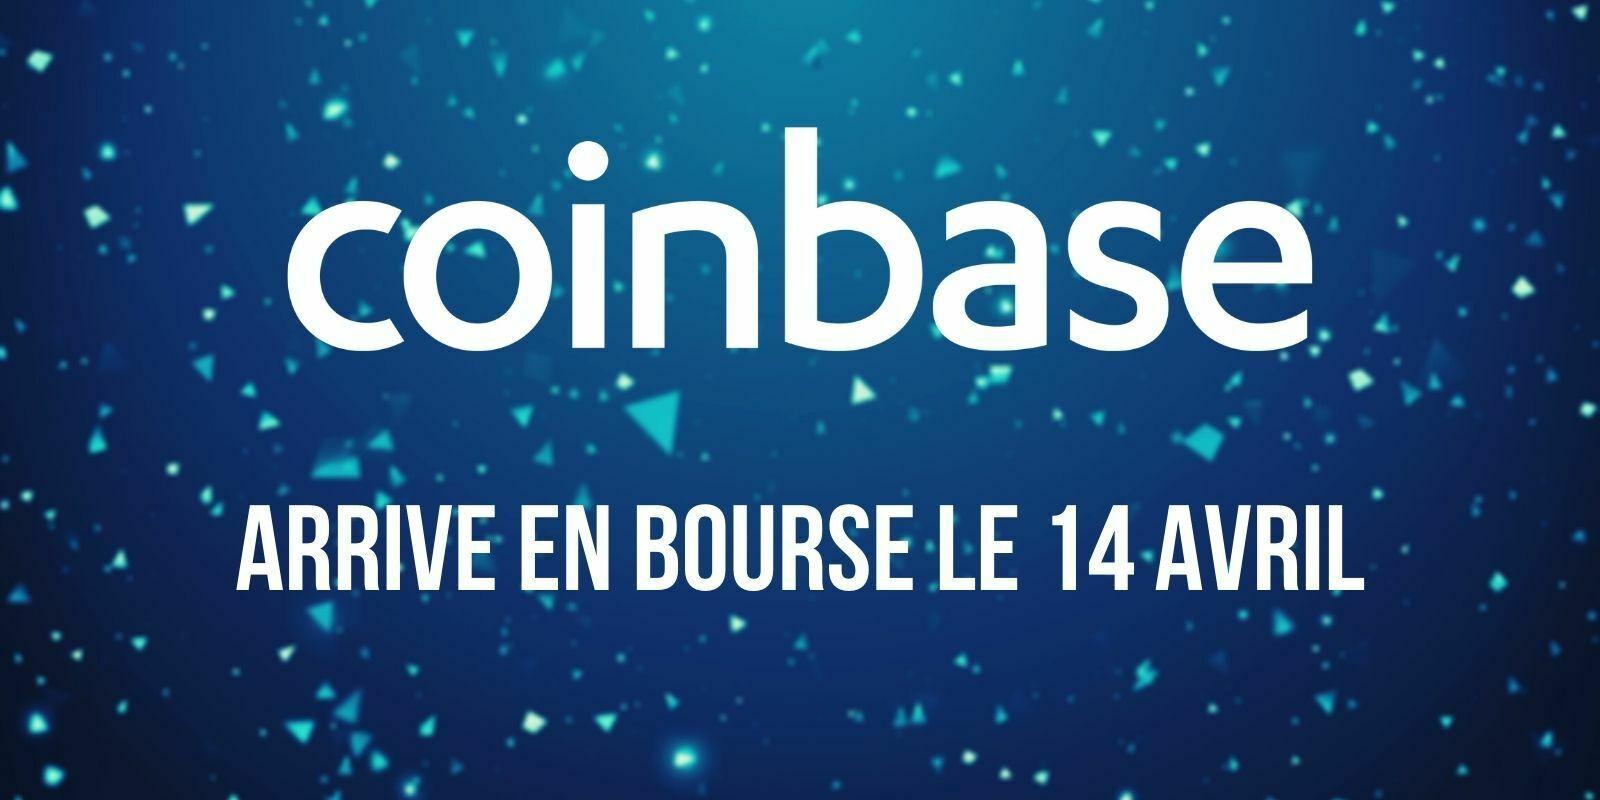 La plateforme Coinbase entrera en Bourse le 14 avril sous le ticker COIN